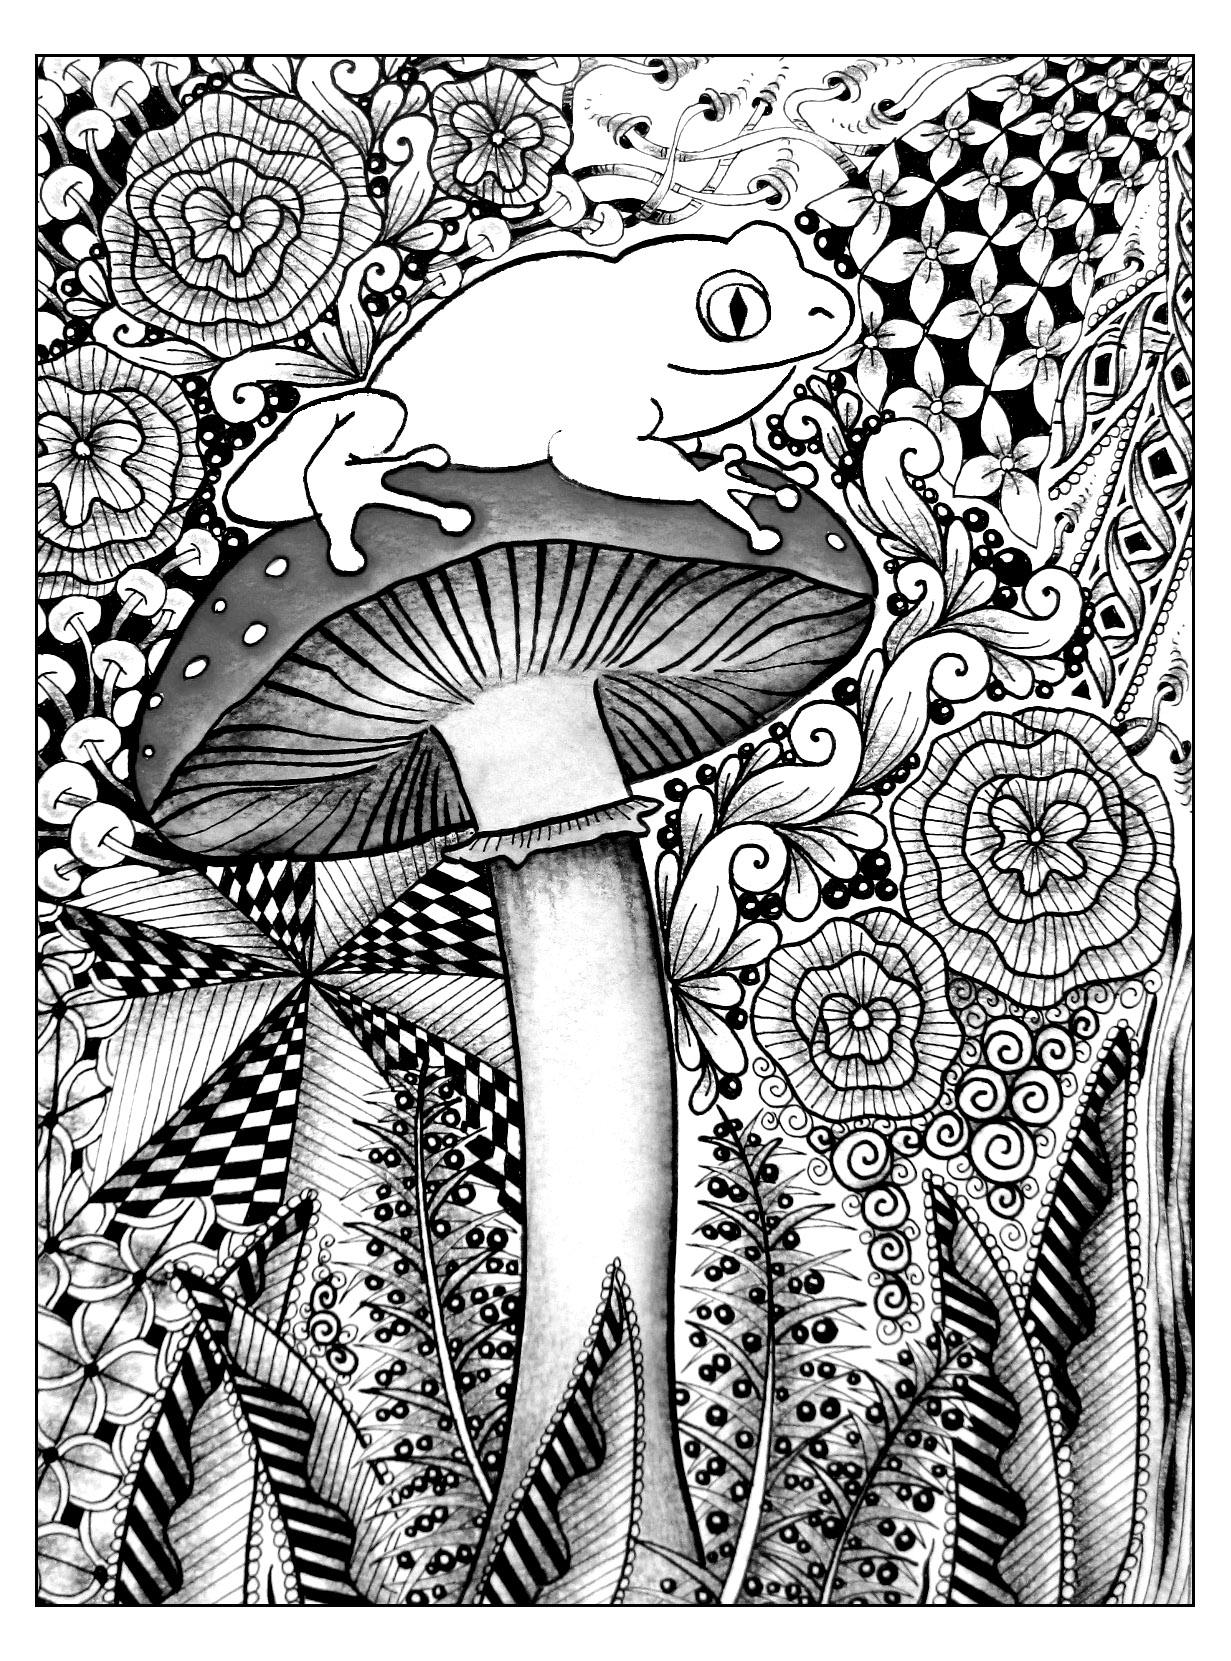 Dans cette forêt se cache une belle grenouille ... Beau coloriage en perspectiveA partir de la galerie : Jungle Et Foret